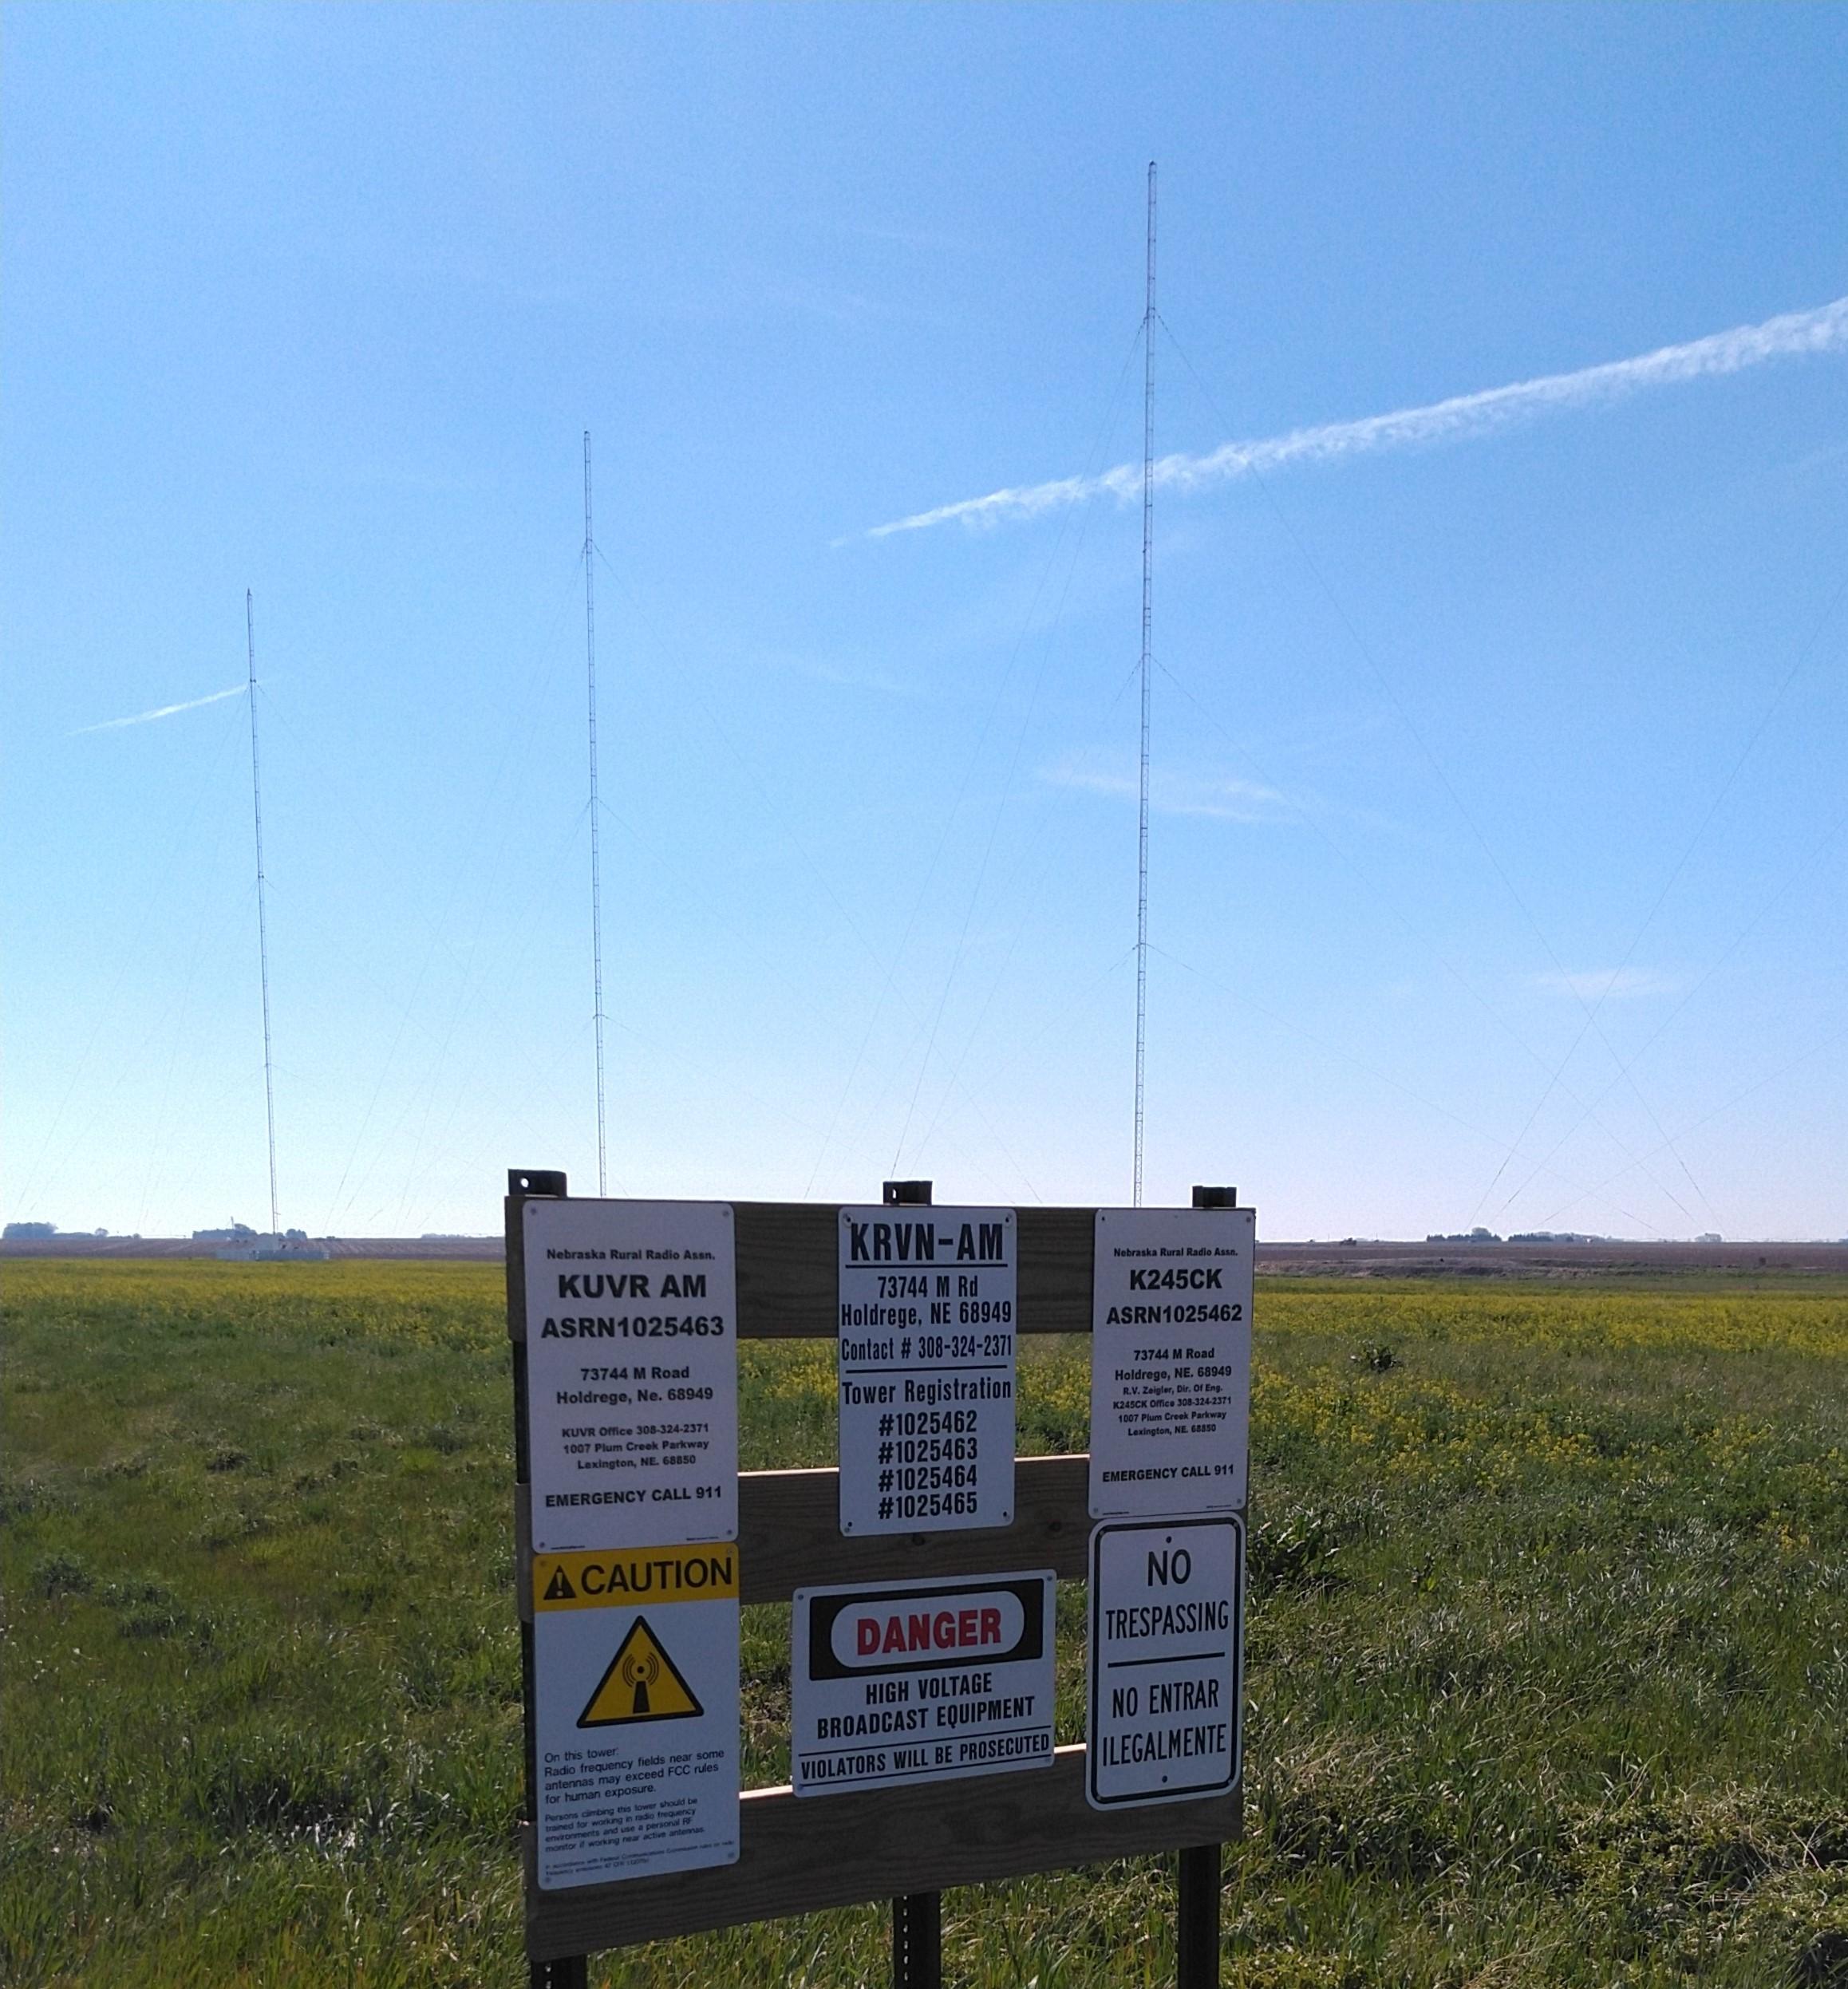 KUVR KRVN Nebraska Rural Radio Diplexer